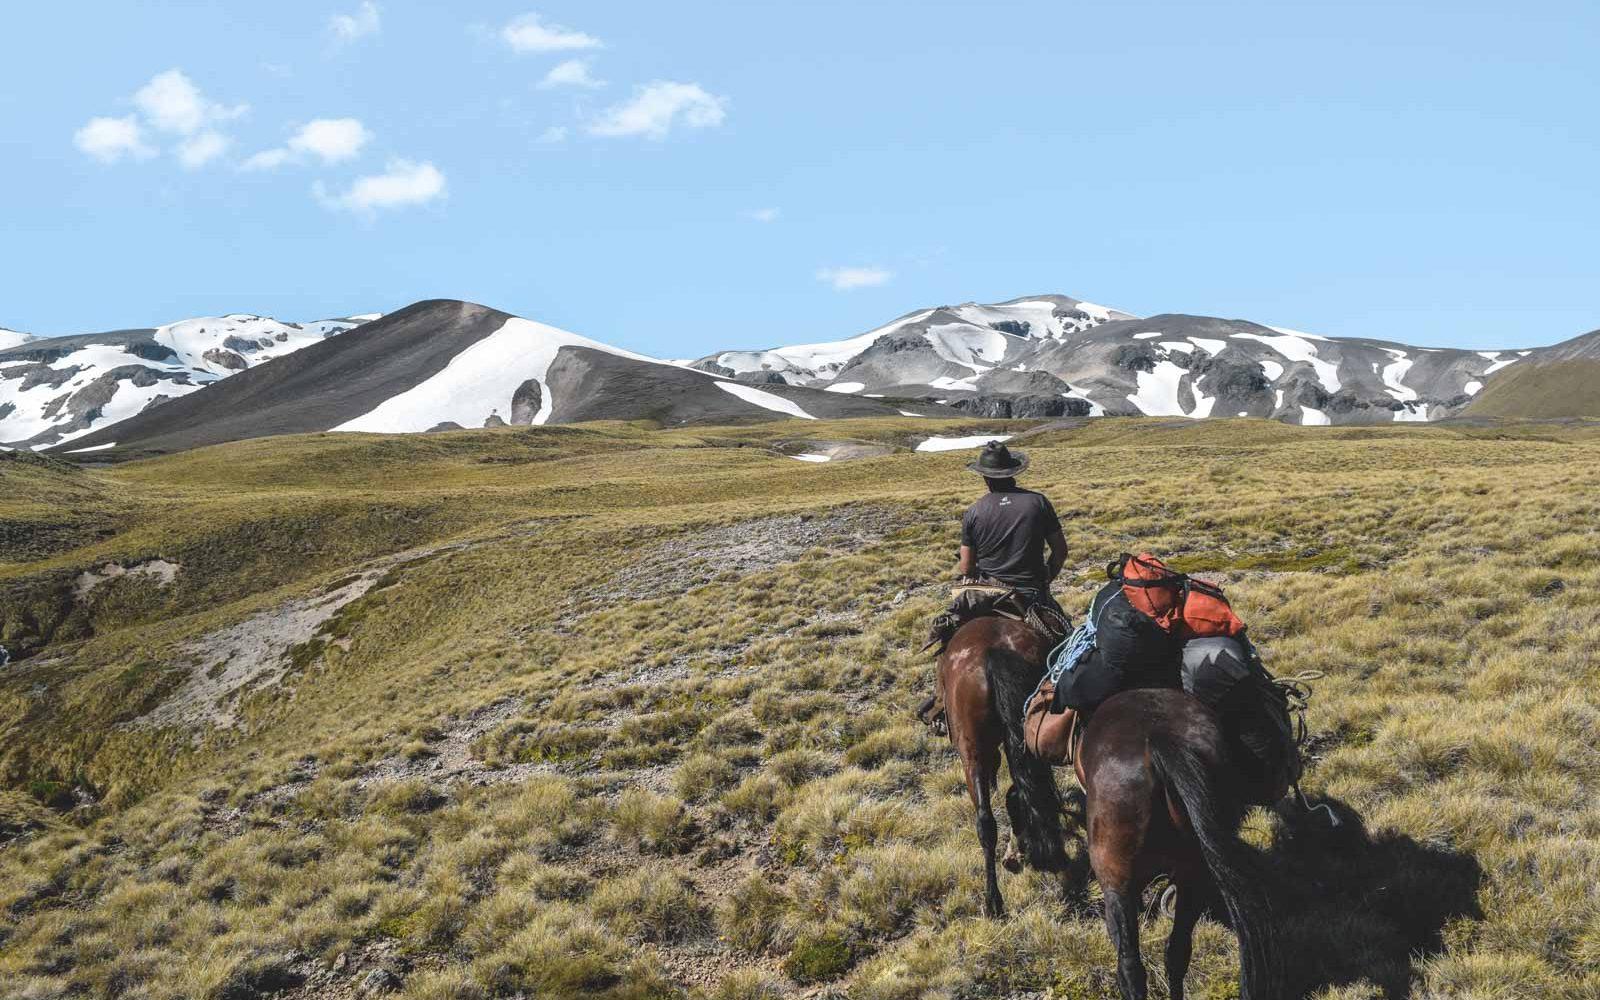 rancho-carhuello-horseback-riding-tour6-3